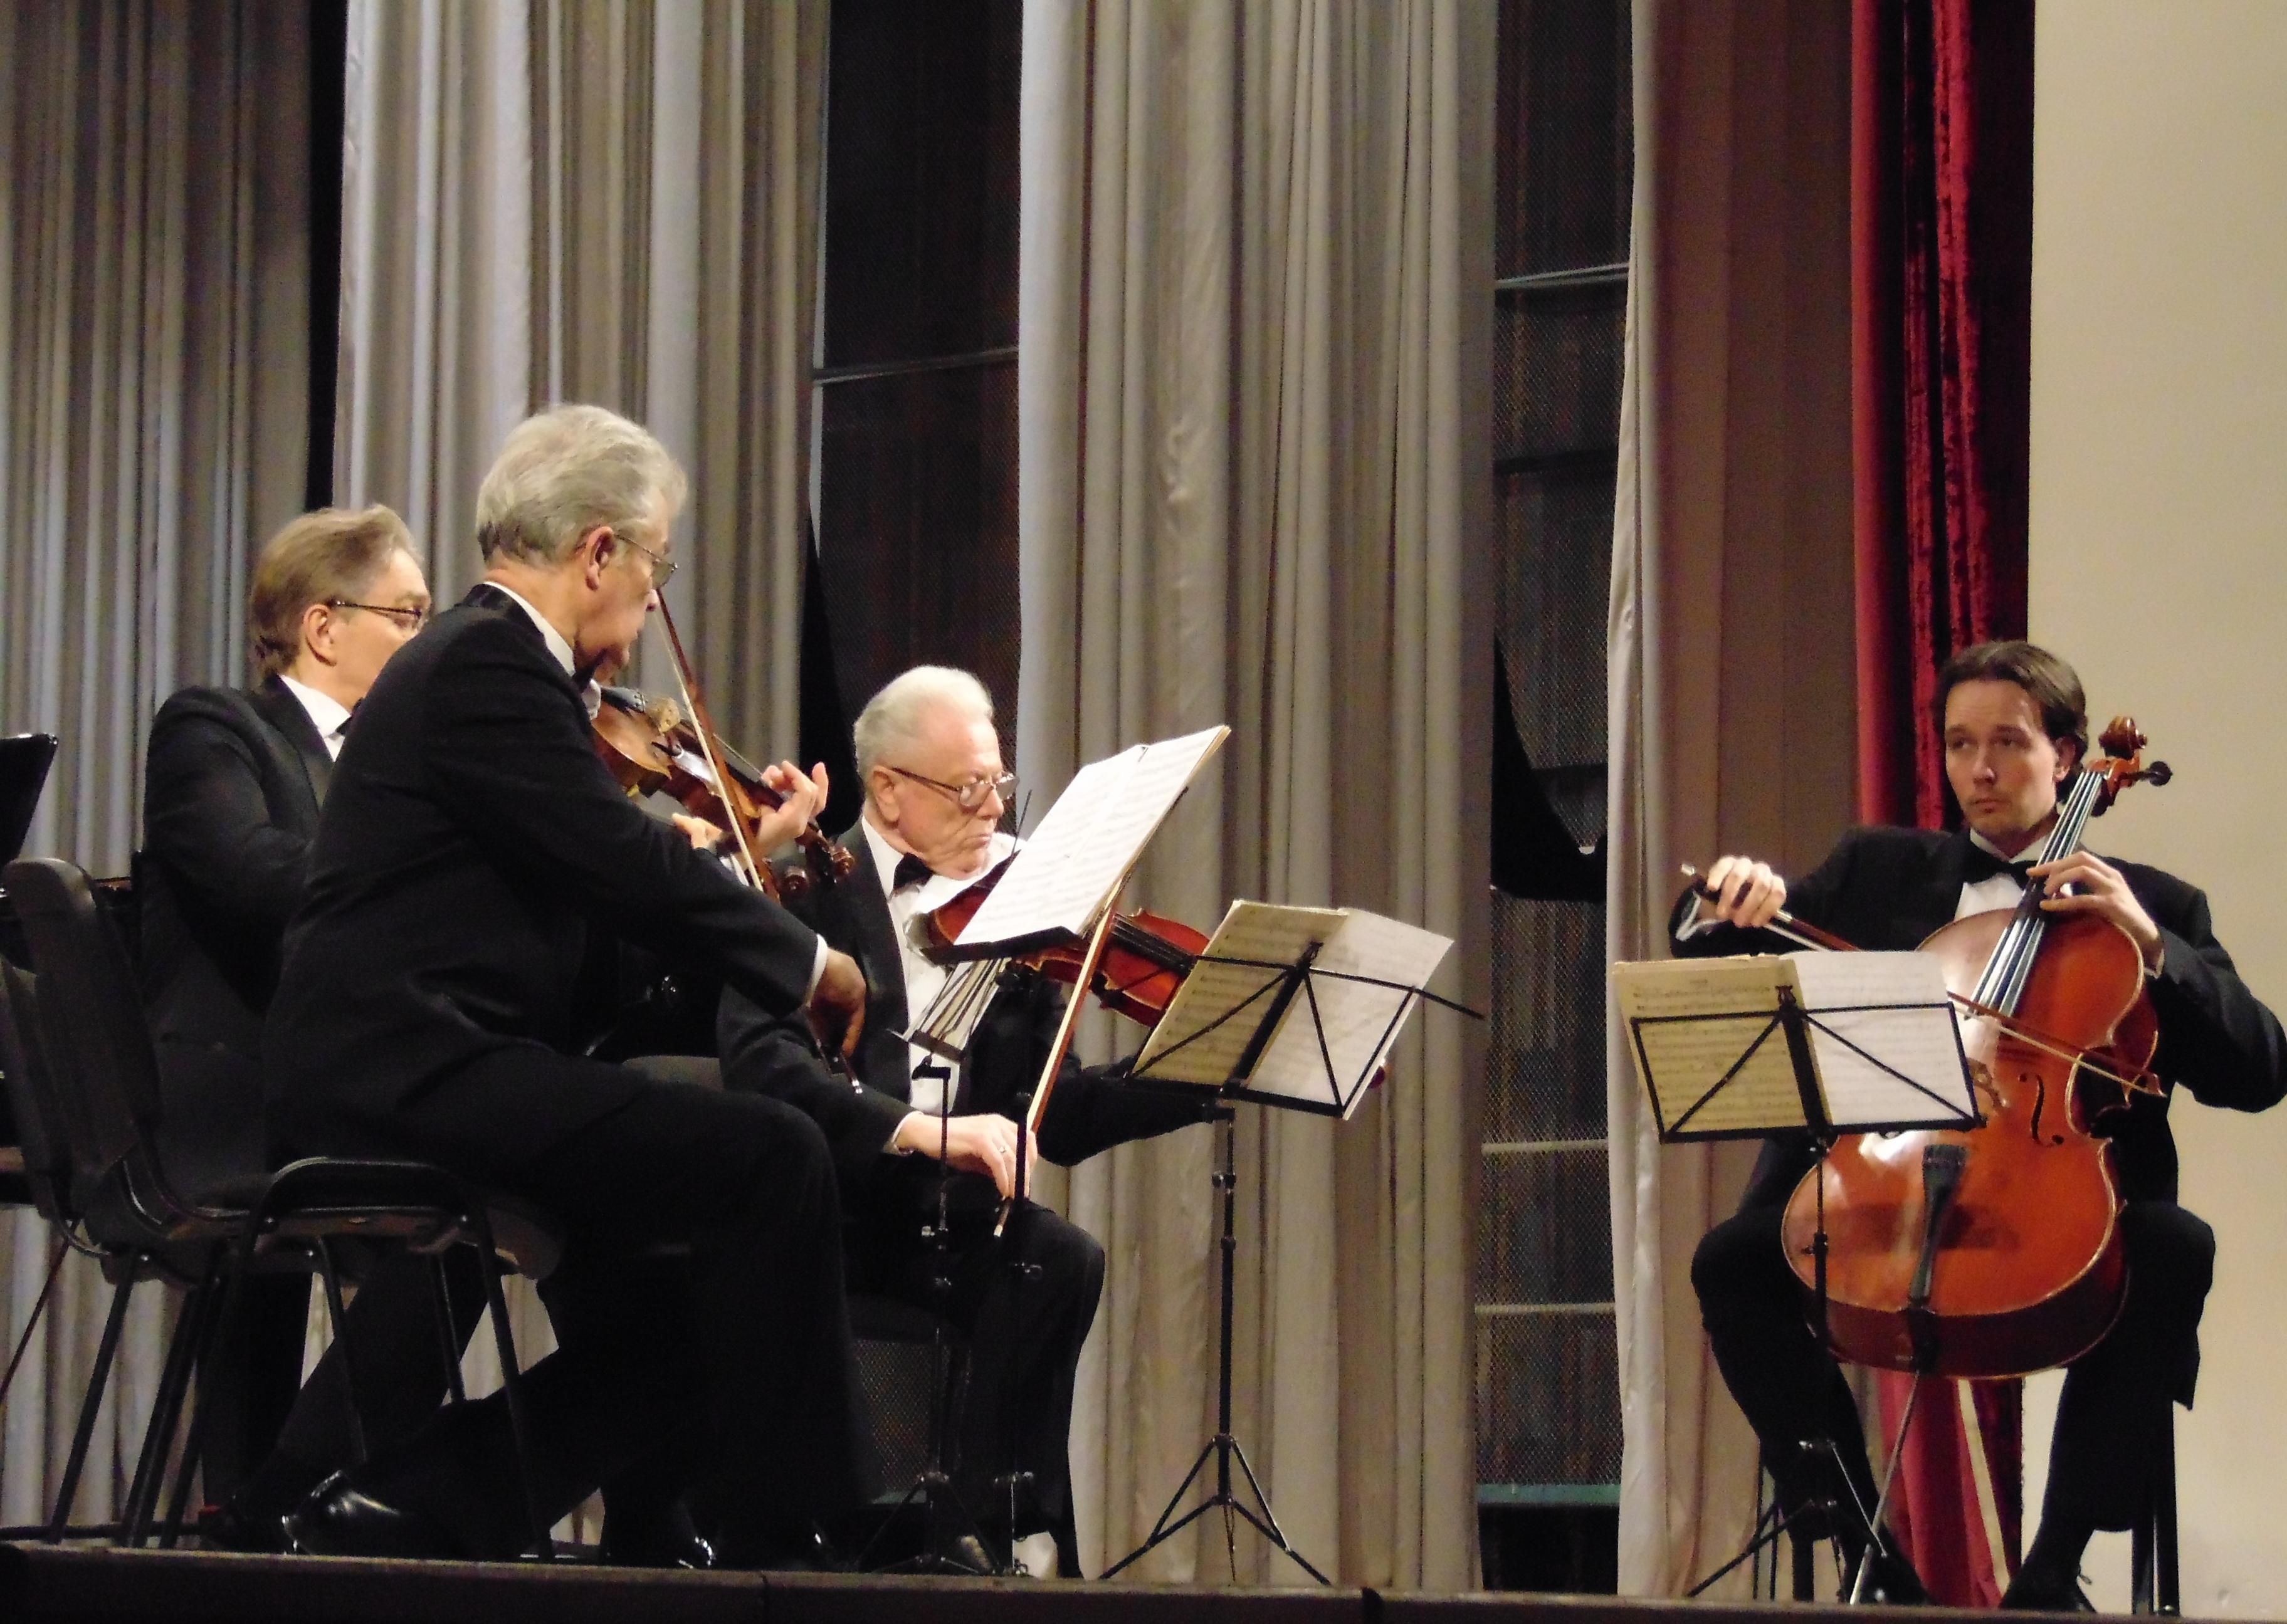 У четвертий фестивальний день «Сіверських музичних вечорів» виступив Квартет імені Лисенка (Фото)